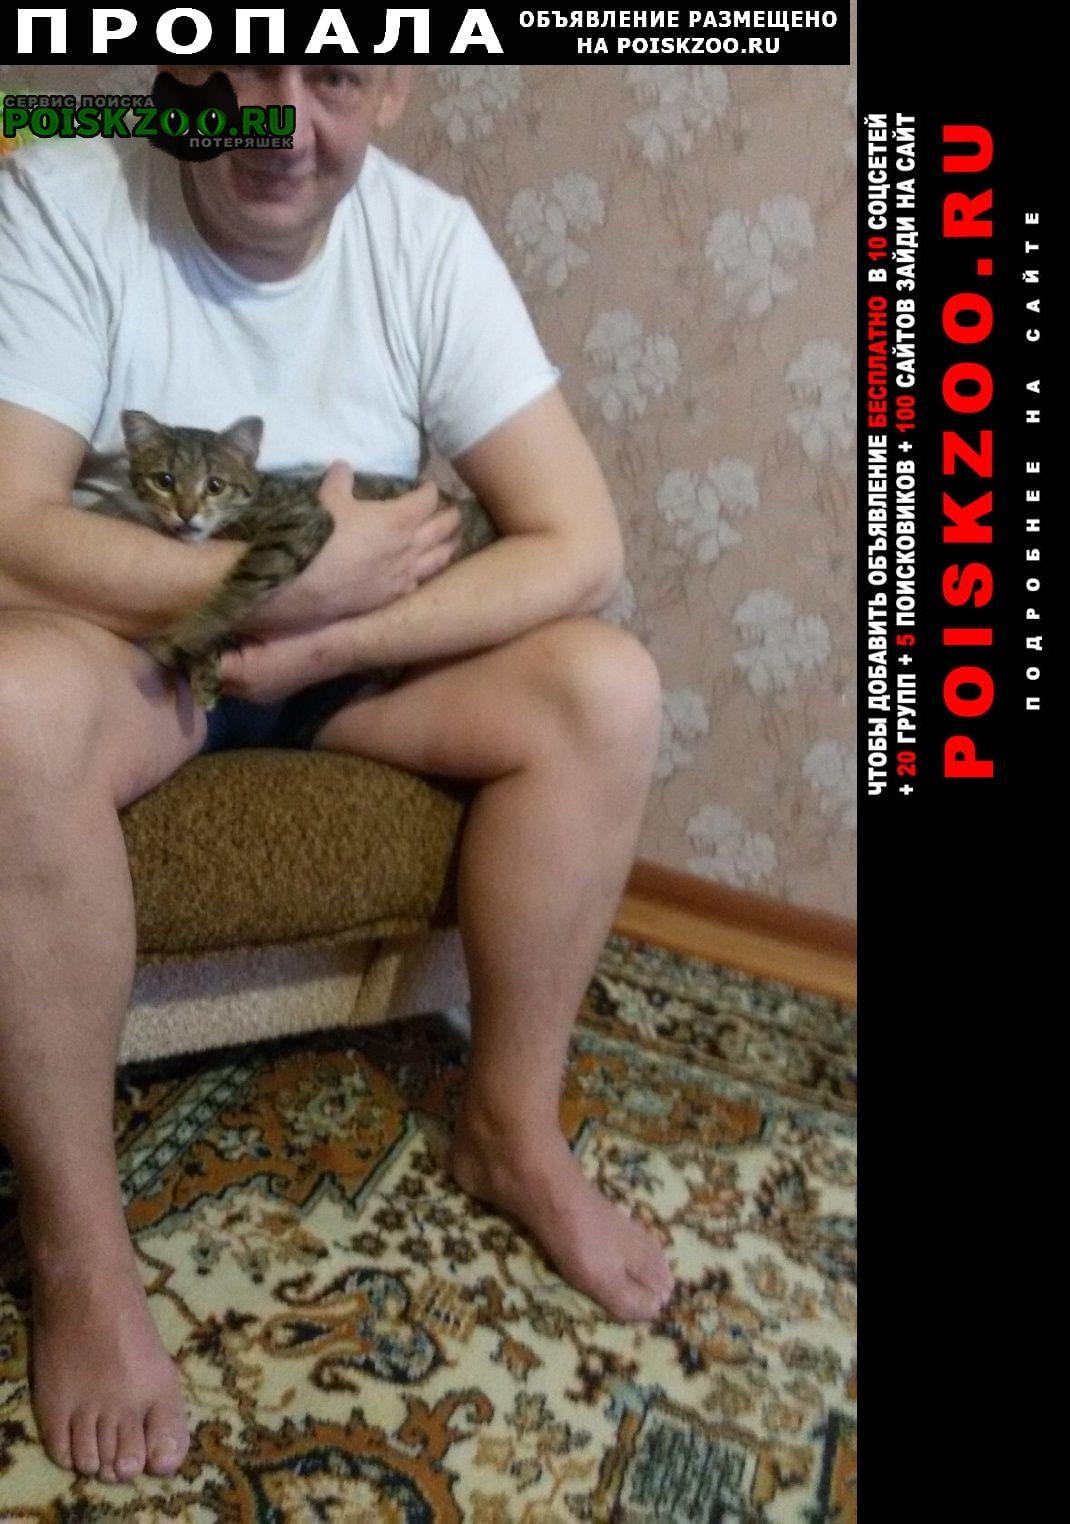 Пропала кошка Елабуга